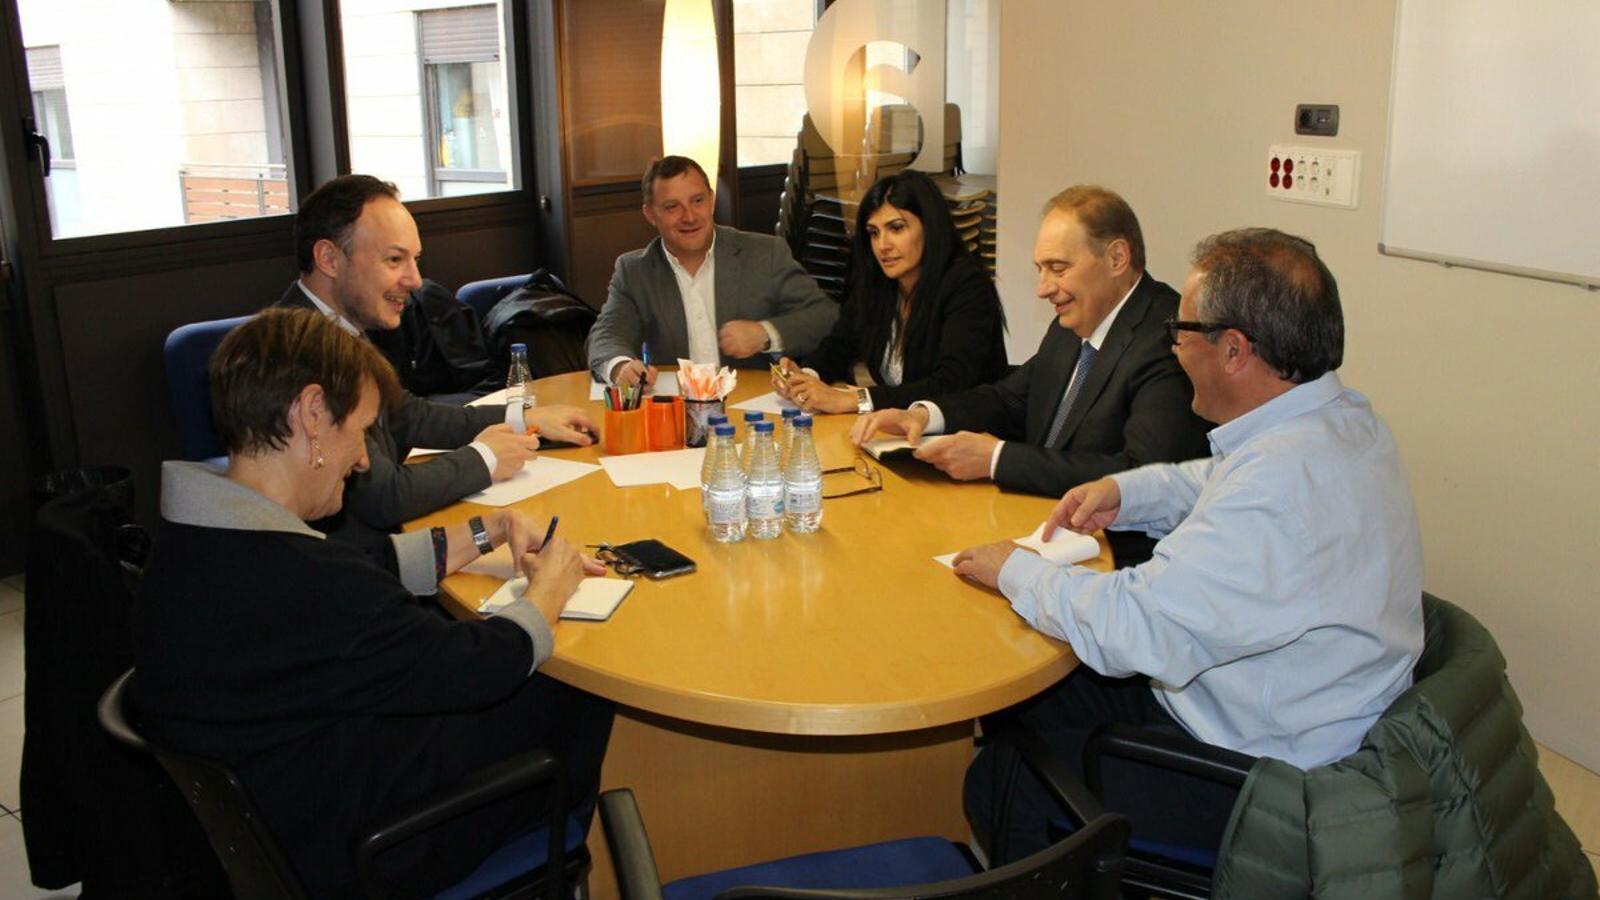 Els representants de Demòcrates i de terceravia durant la reunió d'aquest dimecres. / DEMÒCRATES